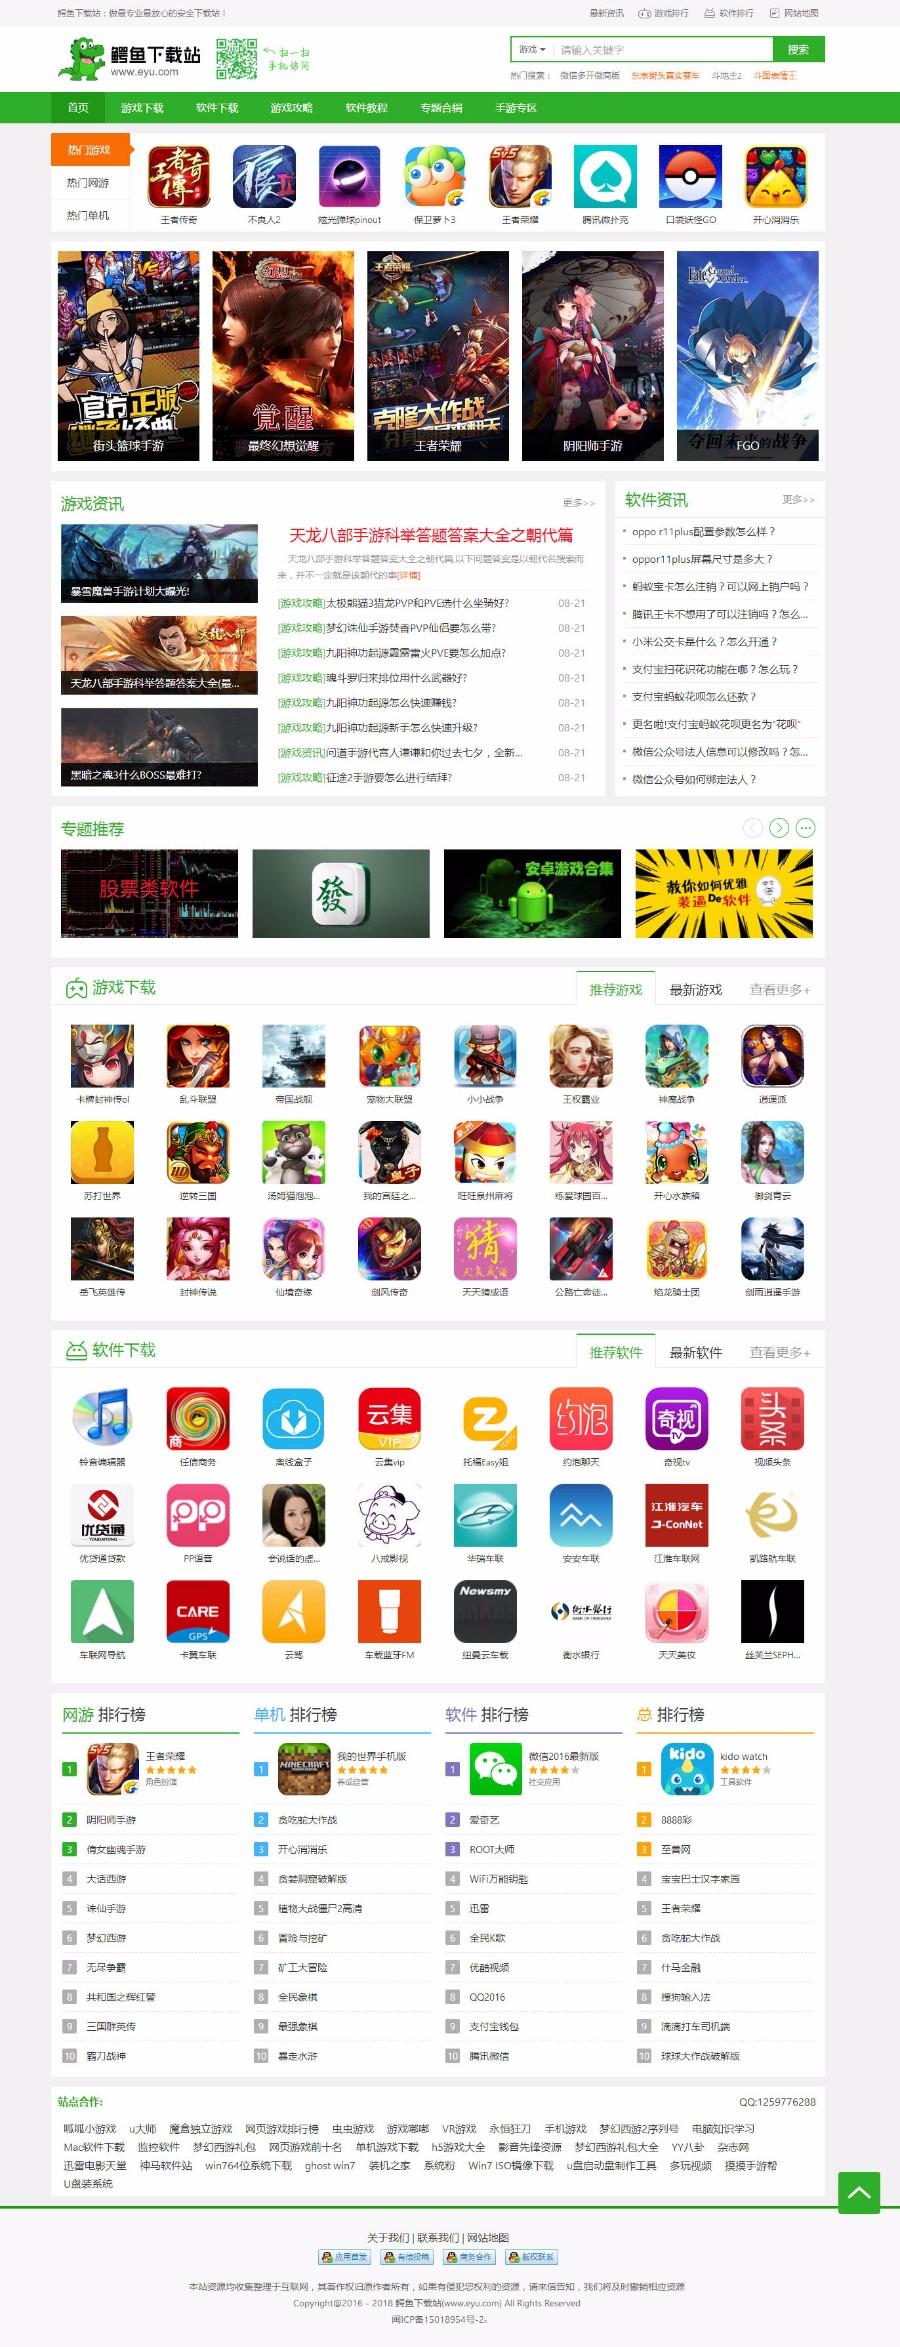 仿鳄鱼下载站网站源码手机安卓软件下载网站模版 帝国cms内核